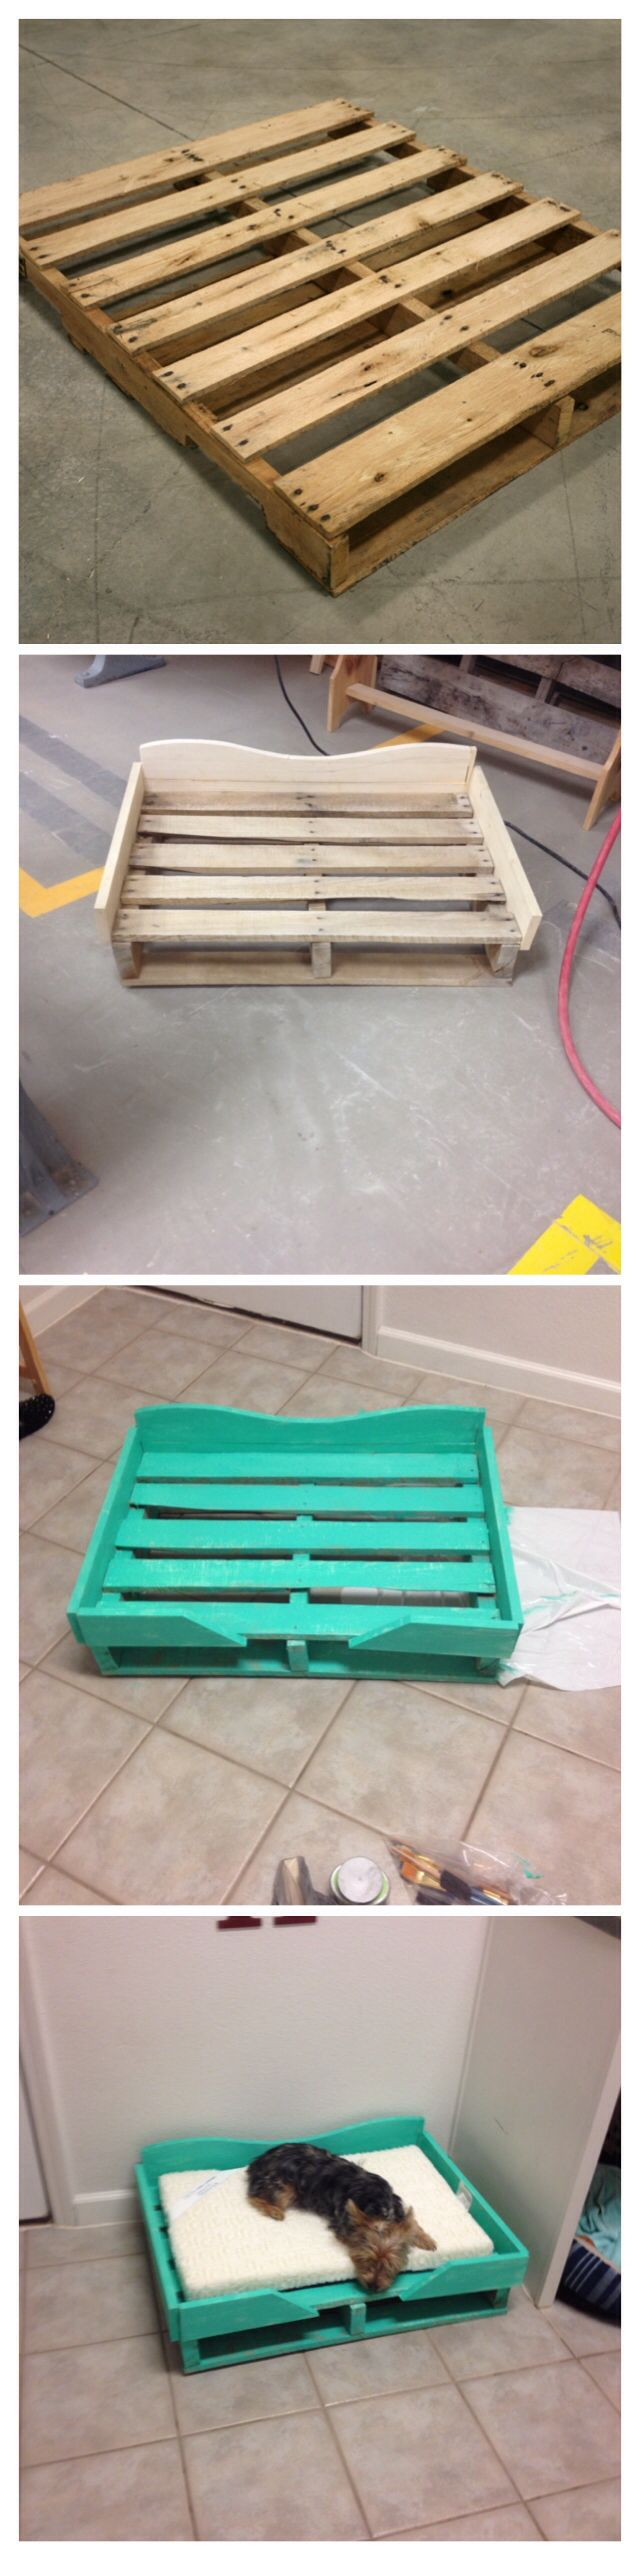 C mo hacer una cama para perro de palet paso a paso i - Como hacer una cama para perro ...